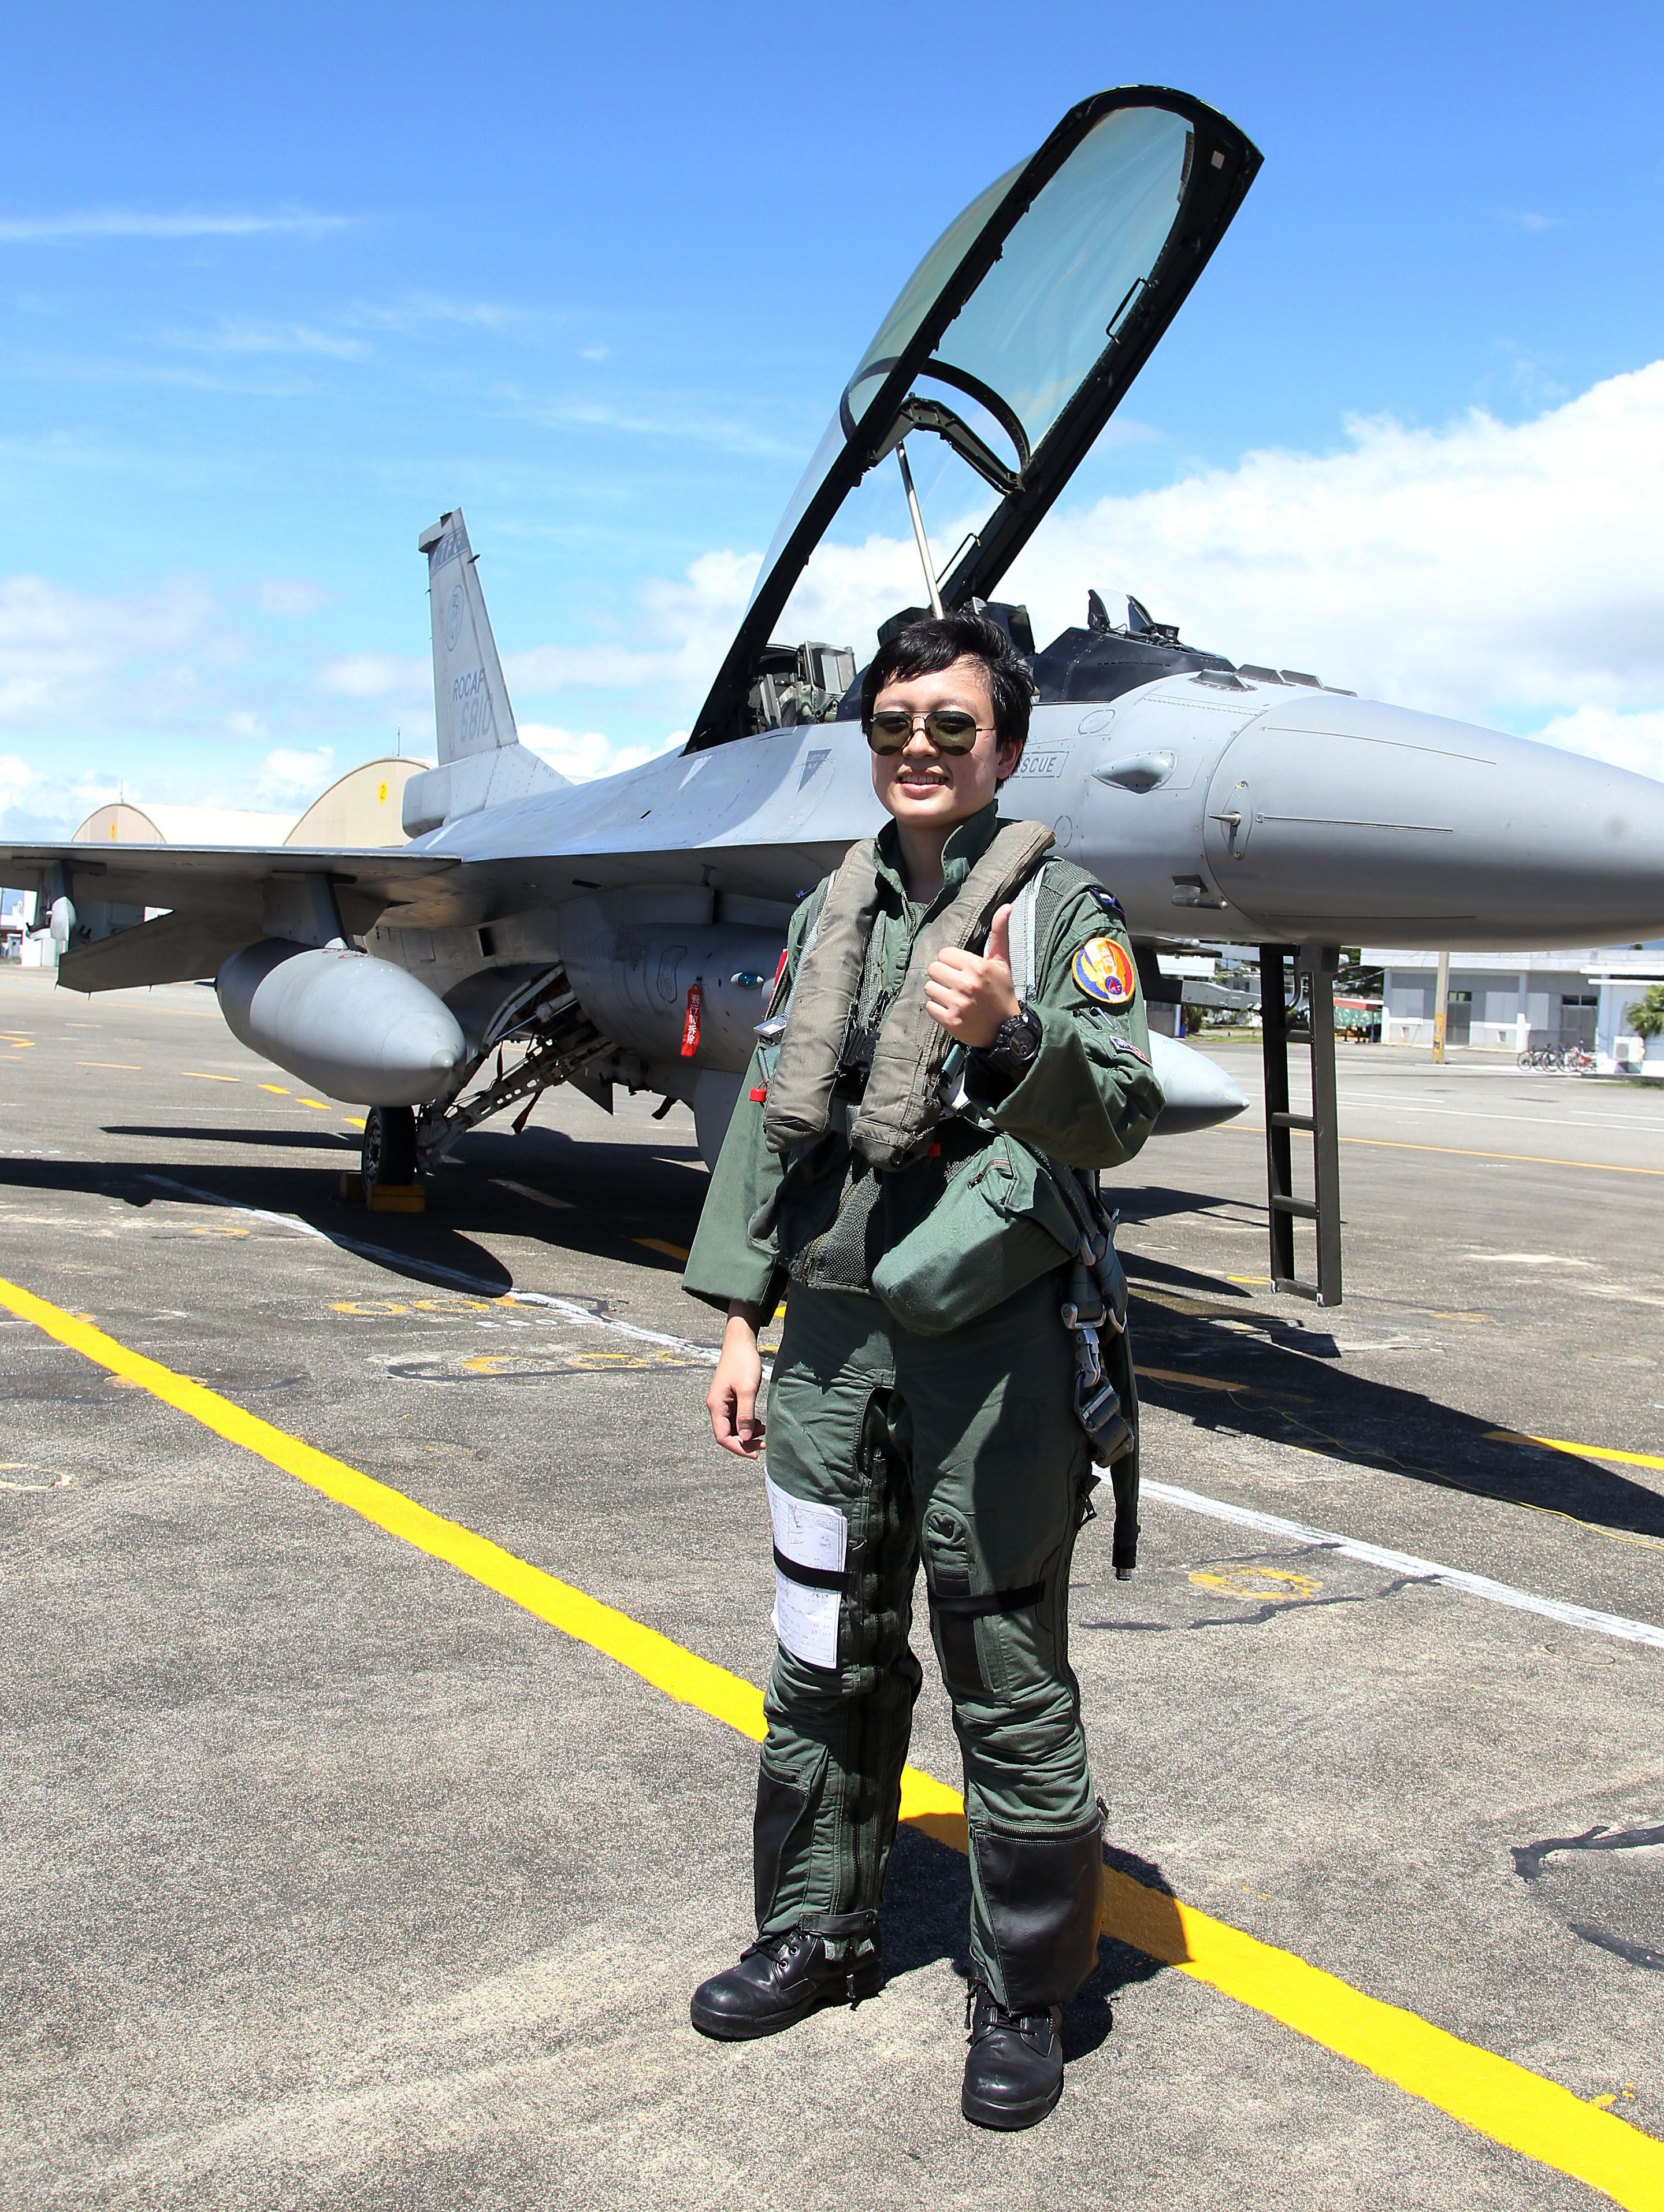 F16戰機女飛官蔣惠宇。(記者邱榮吉/台東拍攝)